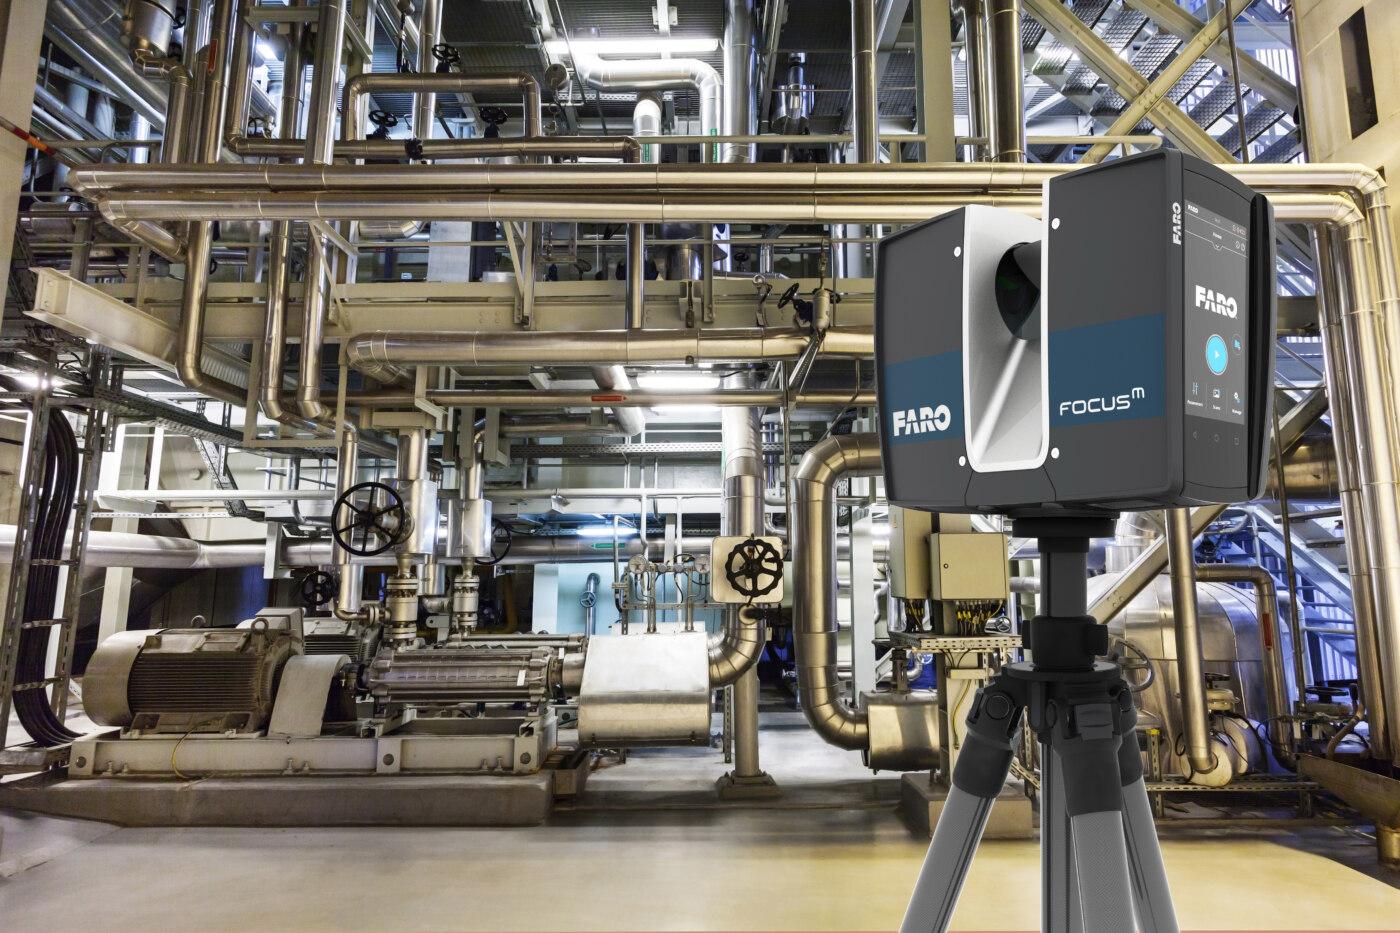 focus_m_70_scanning_pipes_scannen_rohren